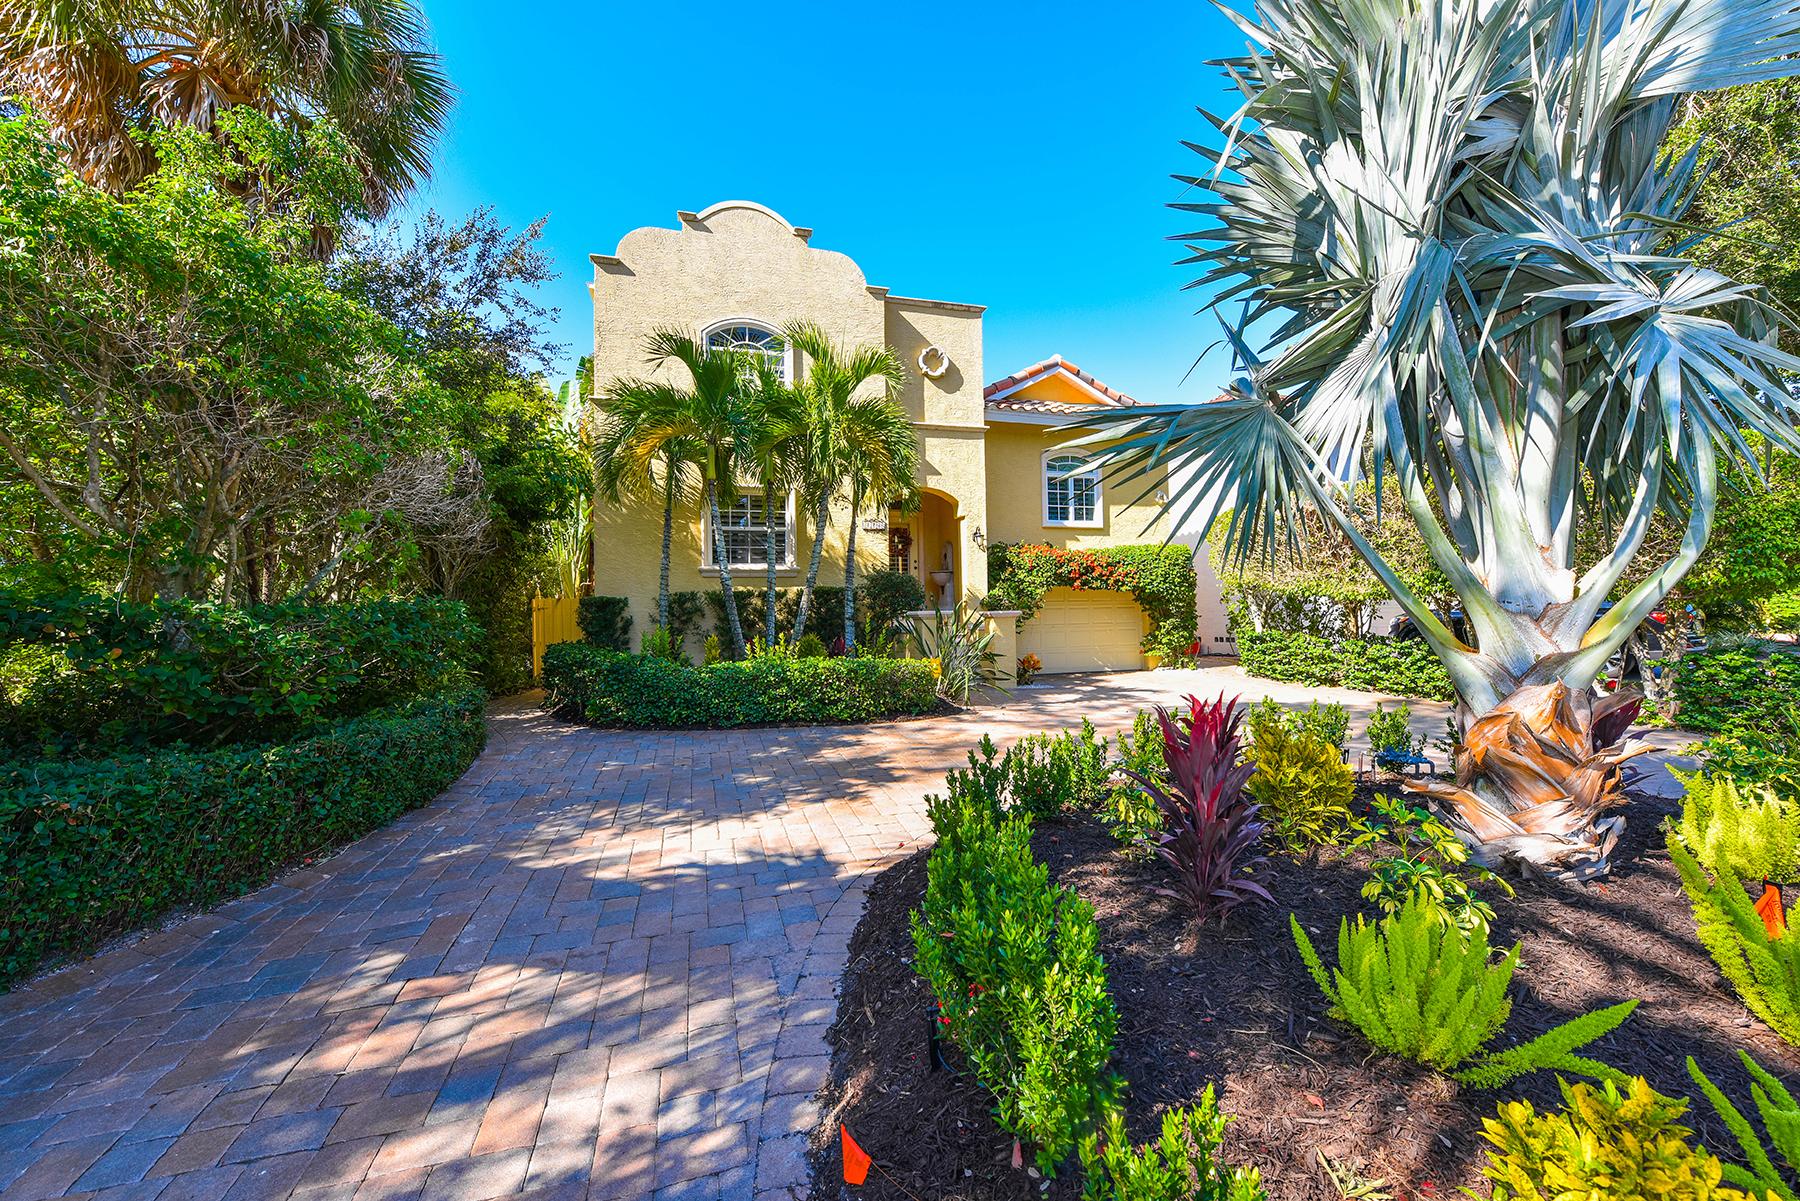 独户住宅 为 销售 在 SARASOTA BEACH 5440 Avenida Del Mare 萨拉索塔, 佛罗里达州, 34242 美国